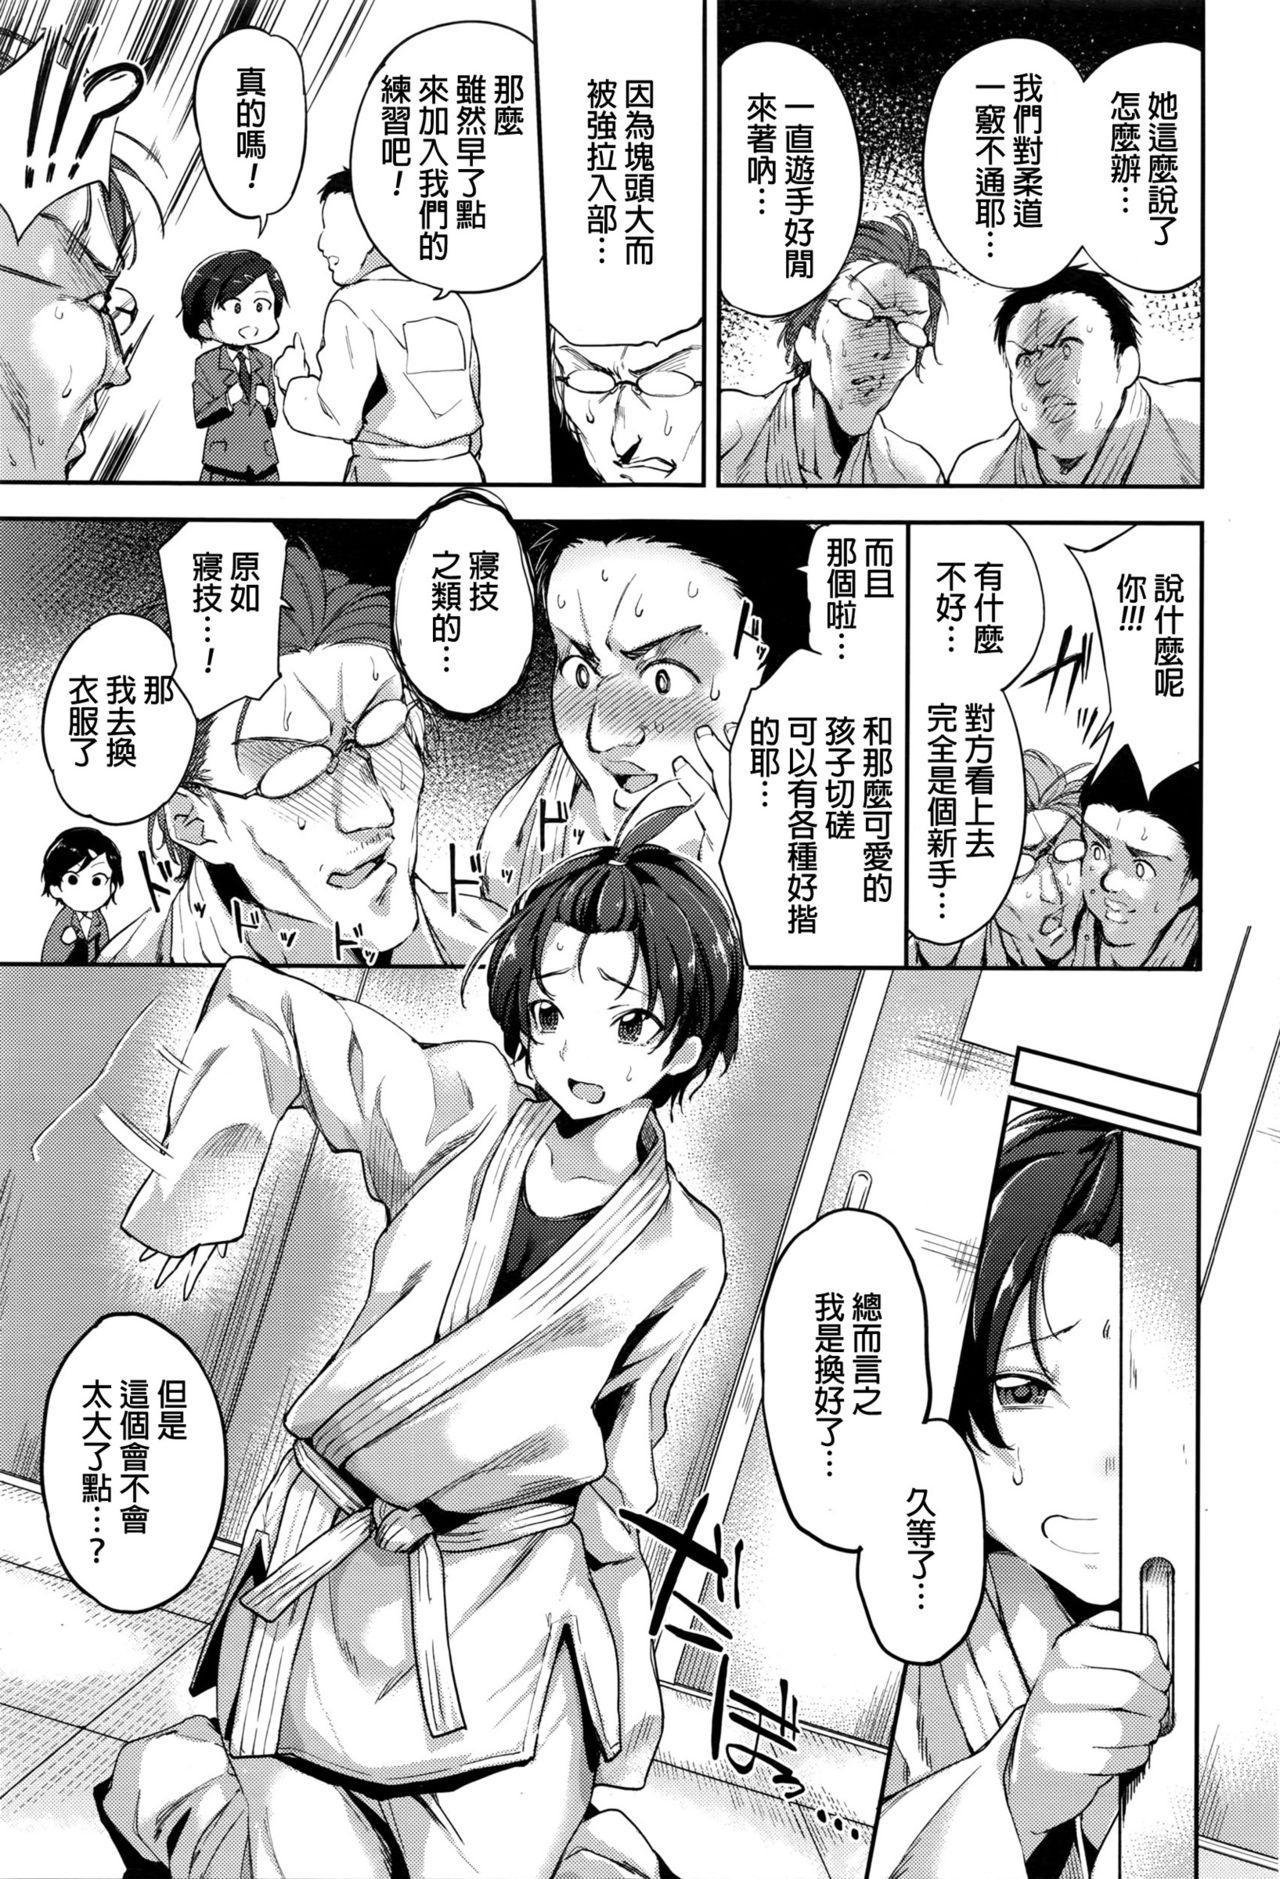 Anoko o Osaekomi! 2